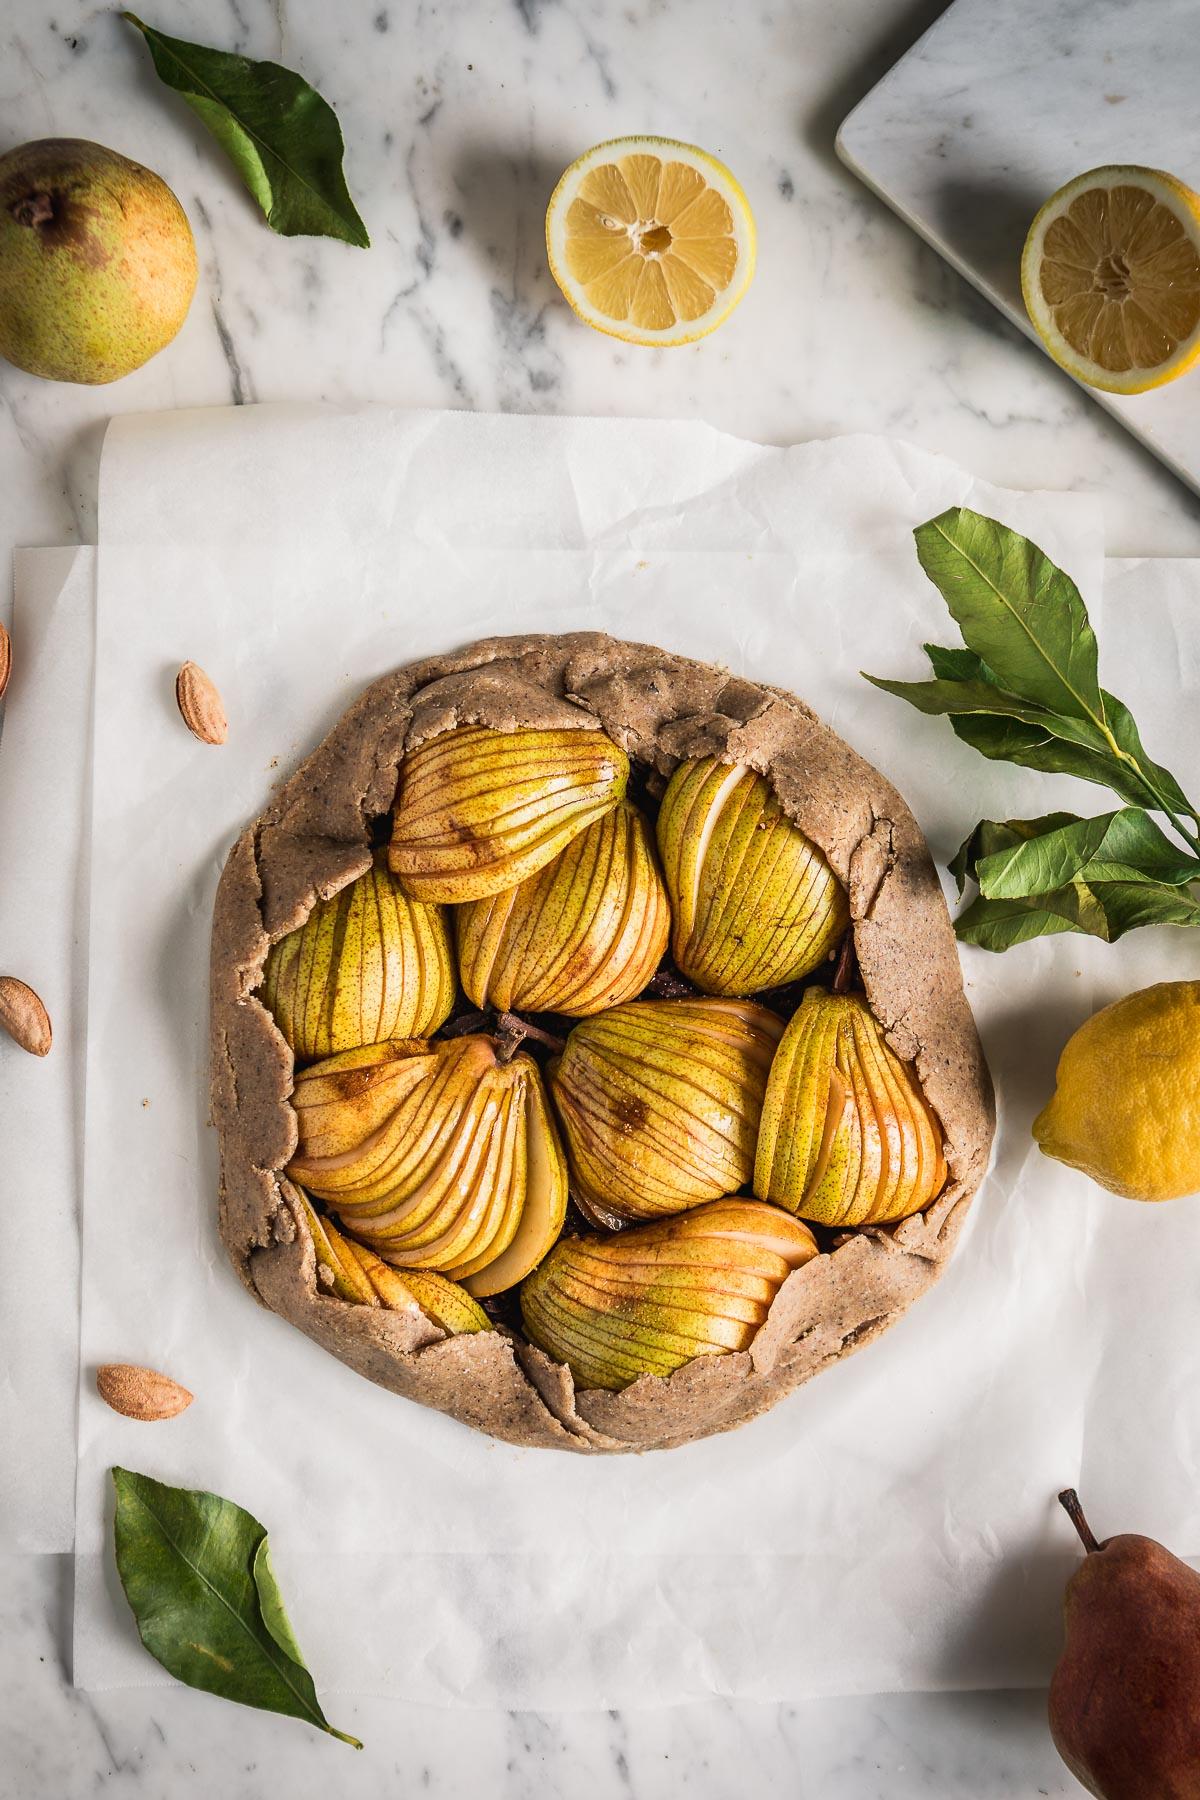 Gluten-free Buckwheat Almond Vegan Chocolate Pear Galette recipe Galette al cioccolato e pere vegan senza glutine con grano saraceno e mandorle #pear #chocolate